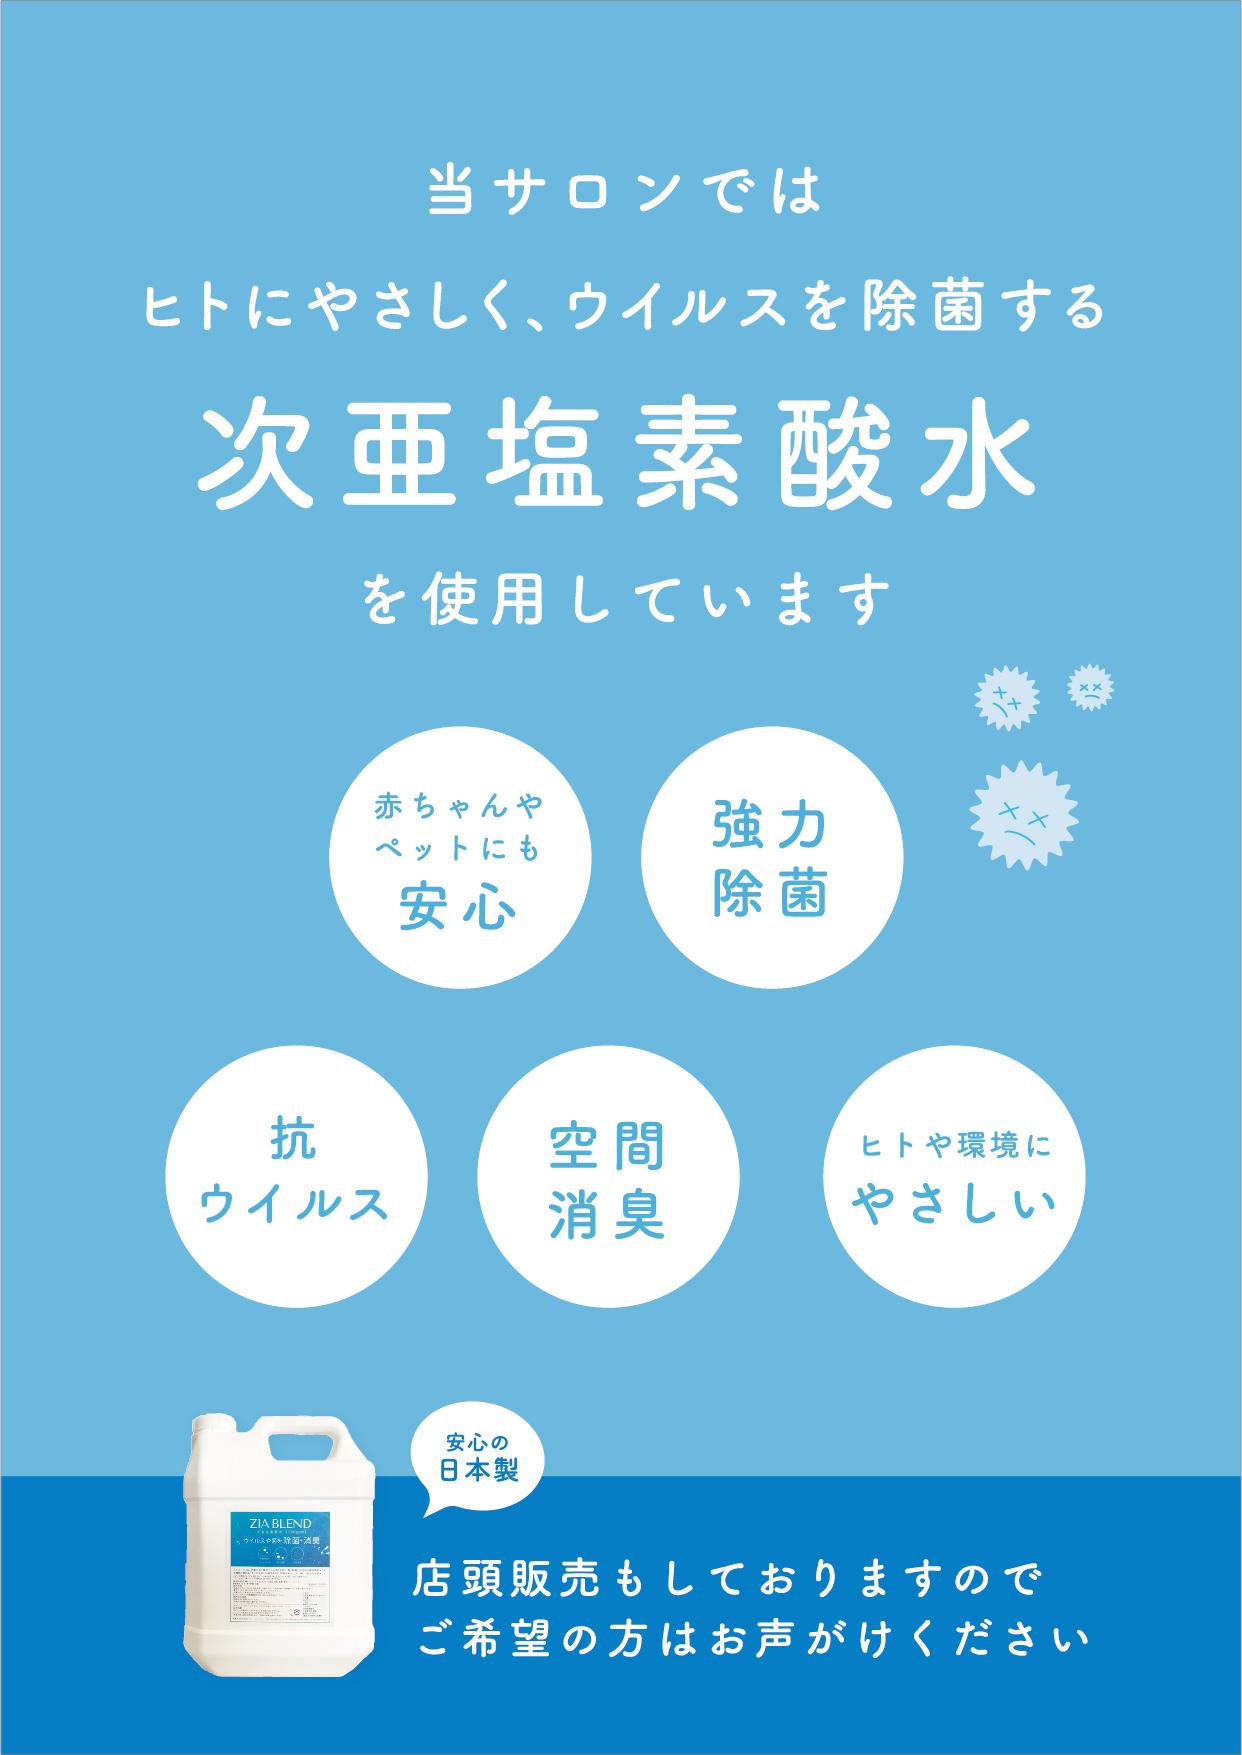 次亜塩素酸水紹介ポスター